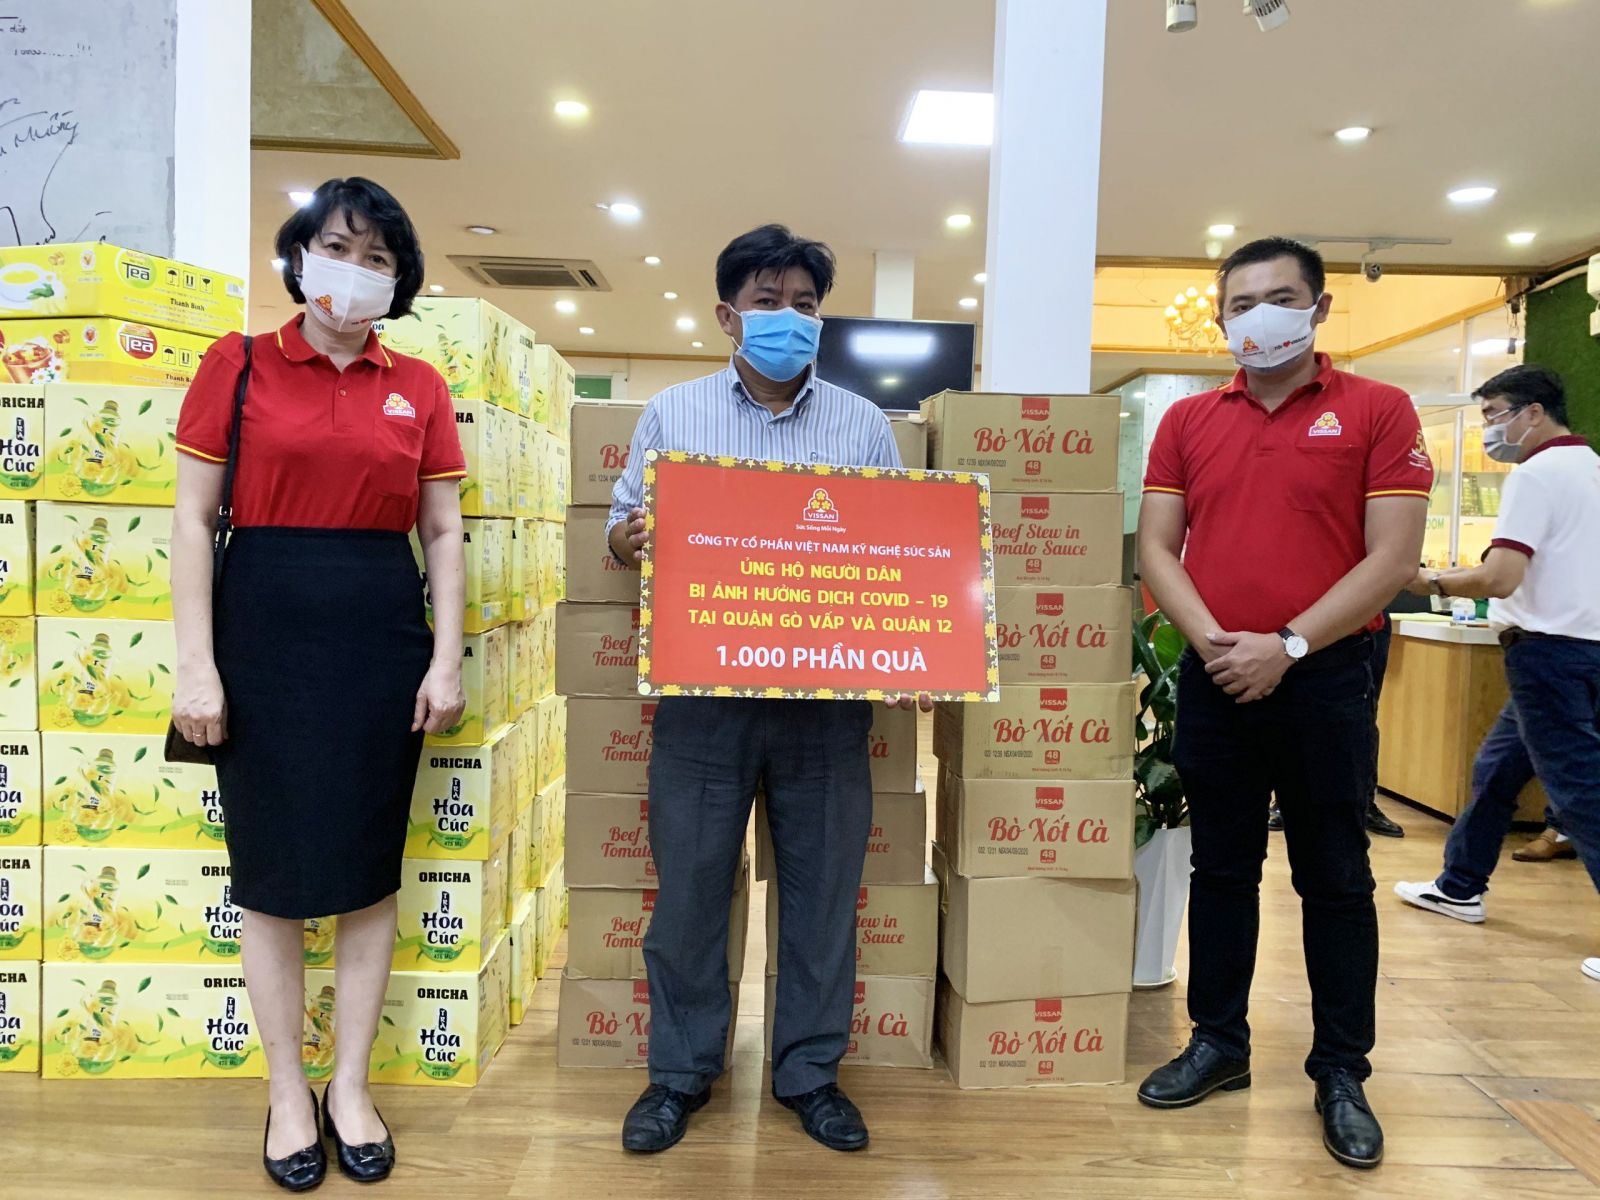 Bà Huỳnh Anh Thư – Chủ tịch Công đoàn đã đại diện Công ty VISSAN trao quà đến Hội Lương thực Thực phẩm TP.HCM.